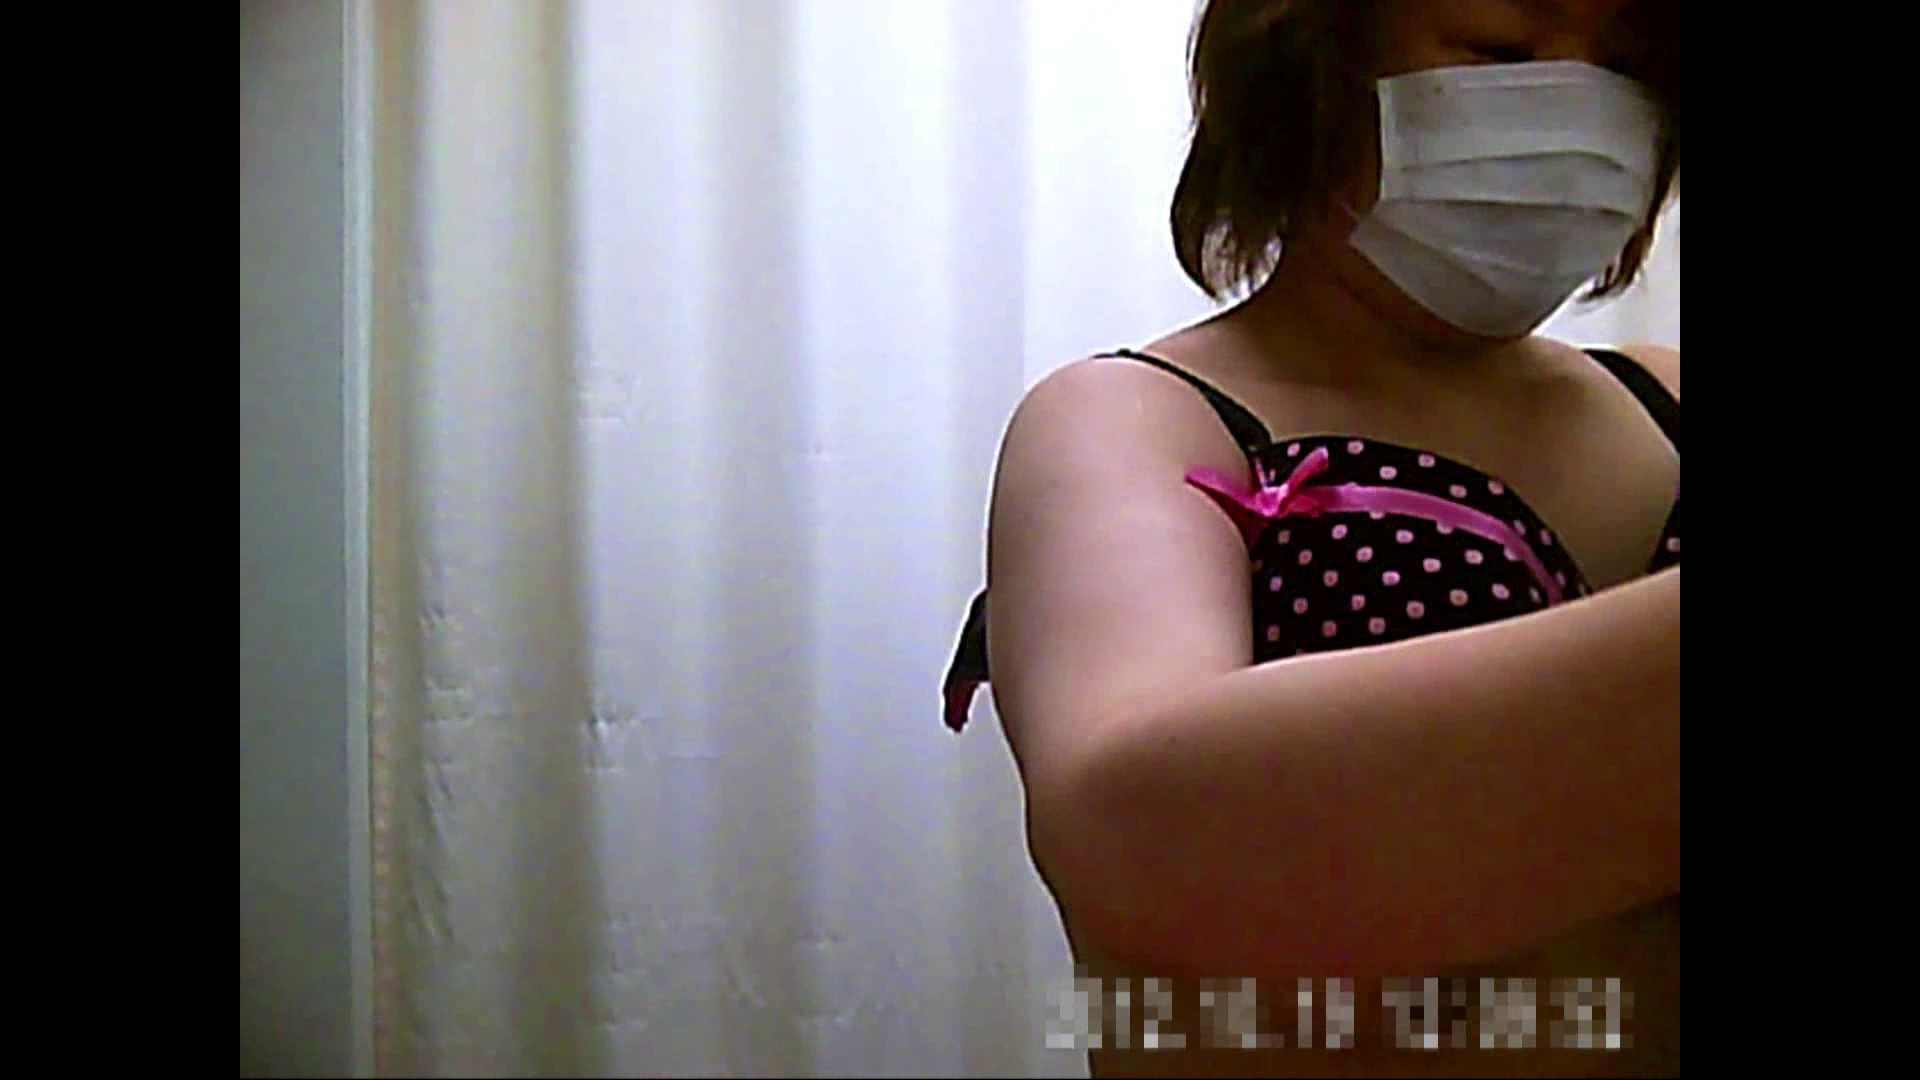 元医者による反抗 更衣室地獄絵巻 vol.052 お姉さん  106PIX 9